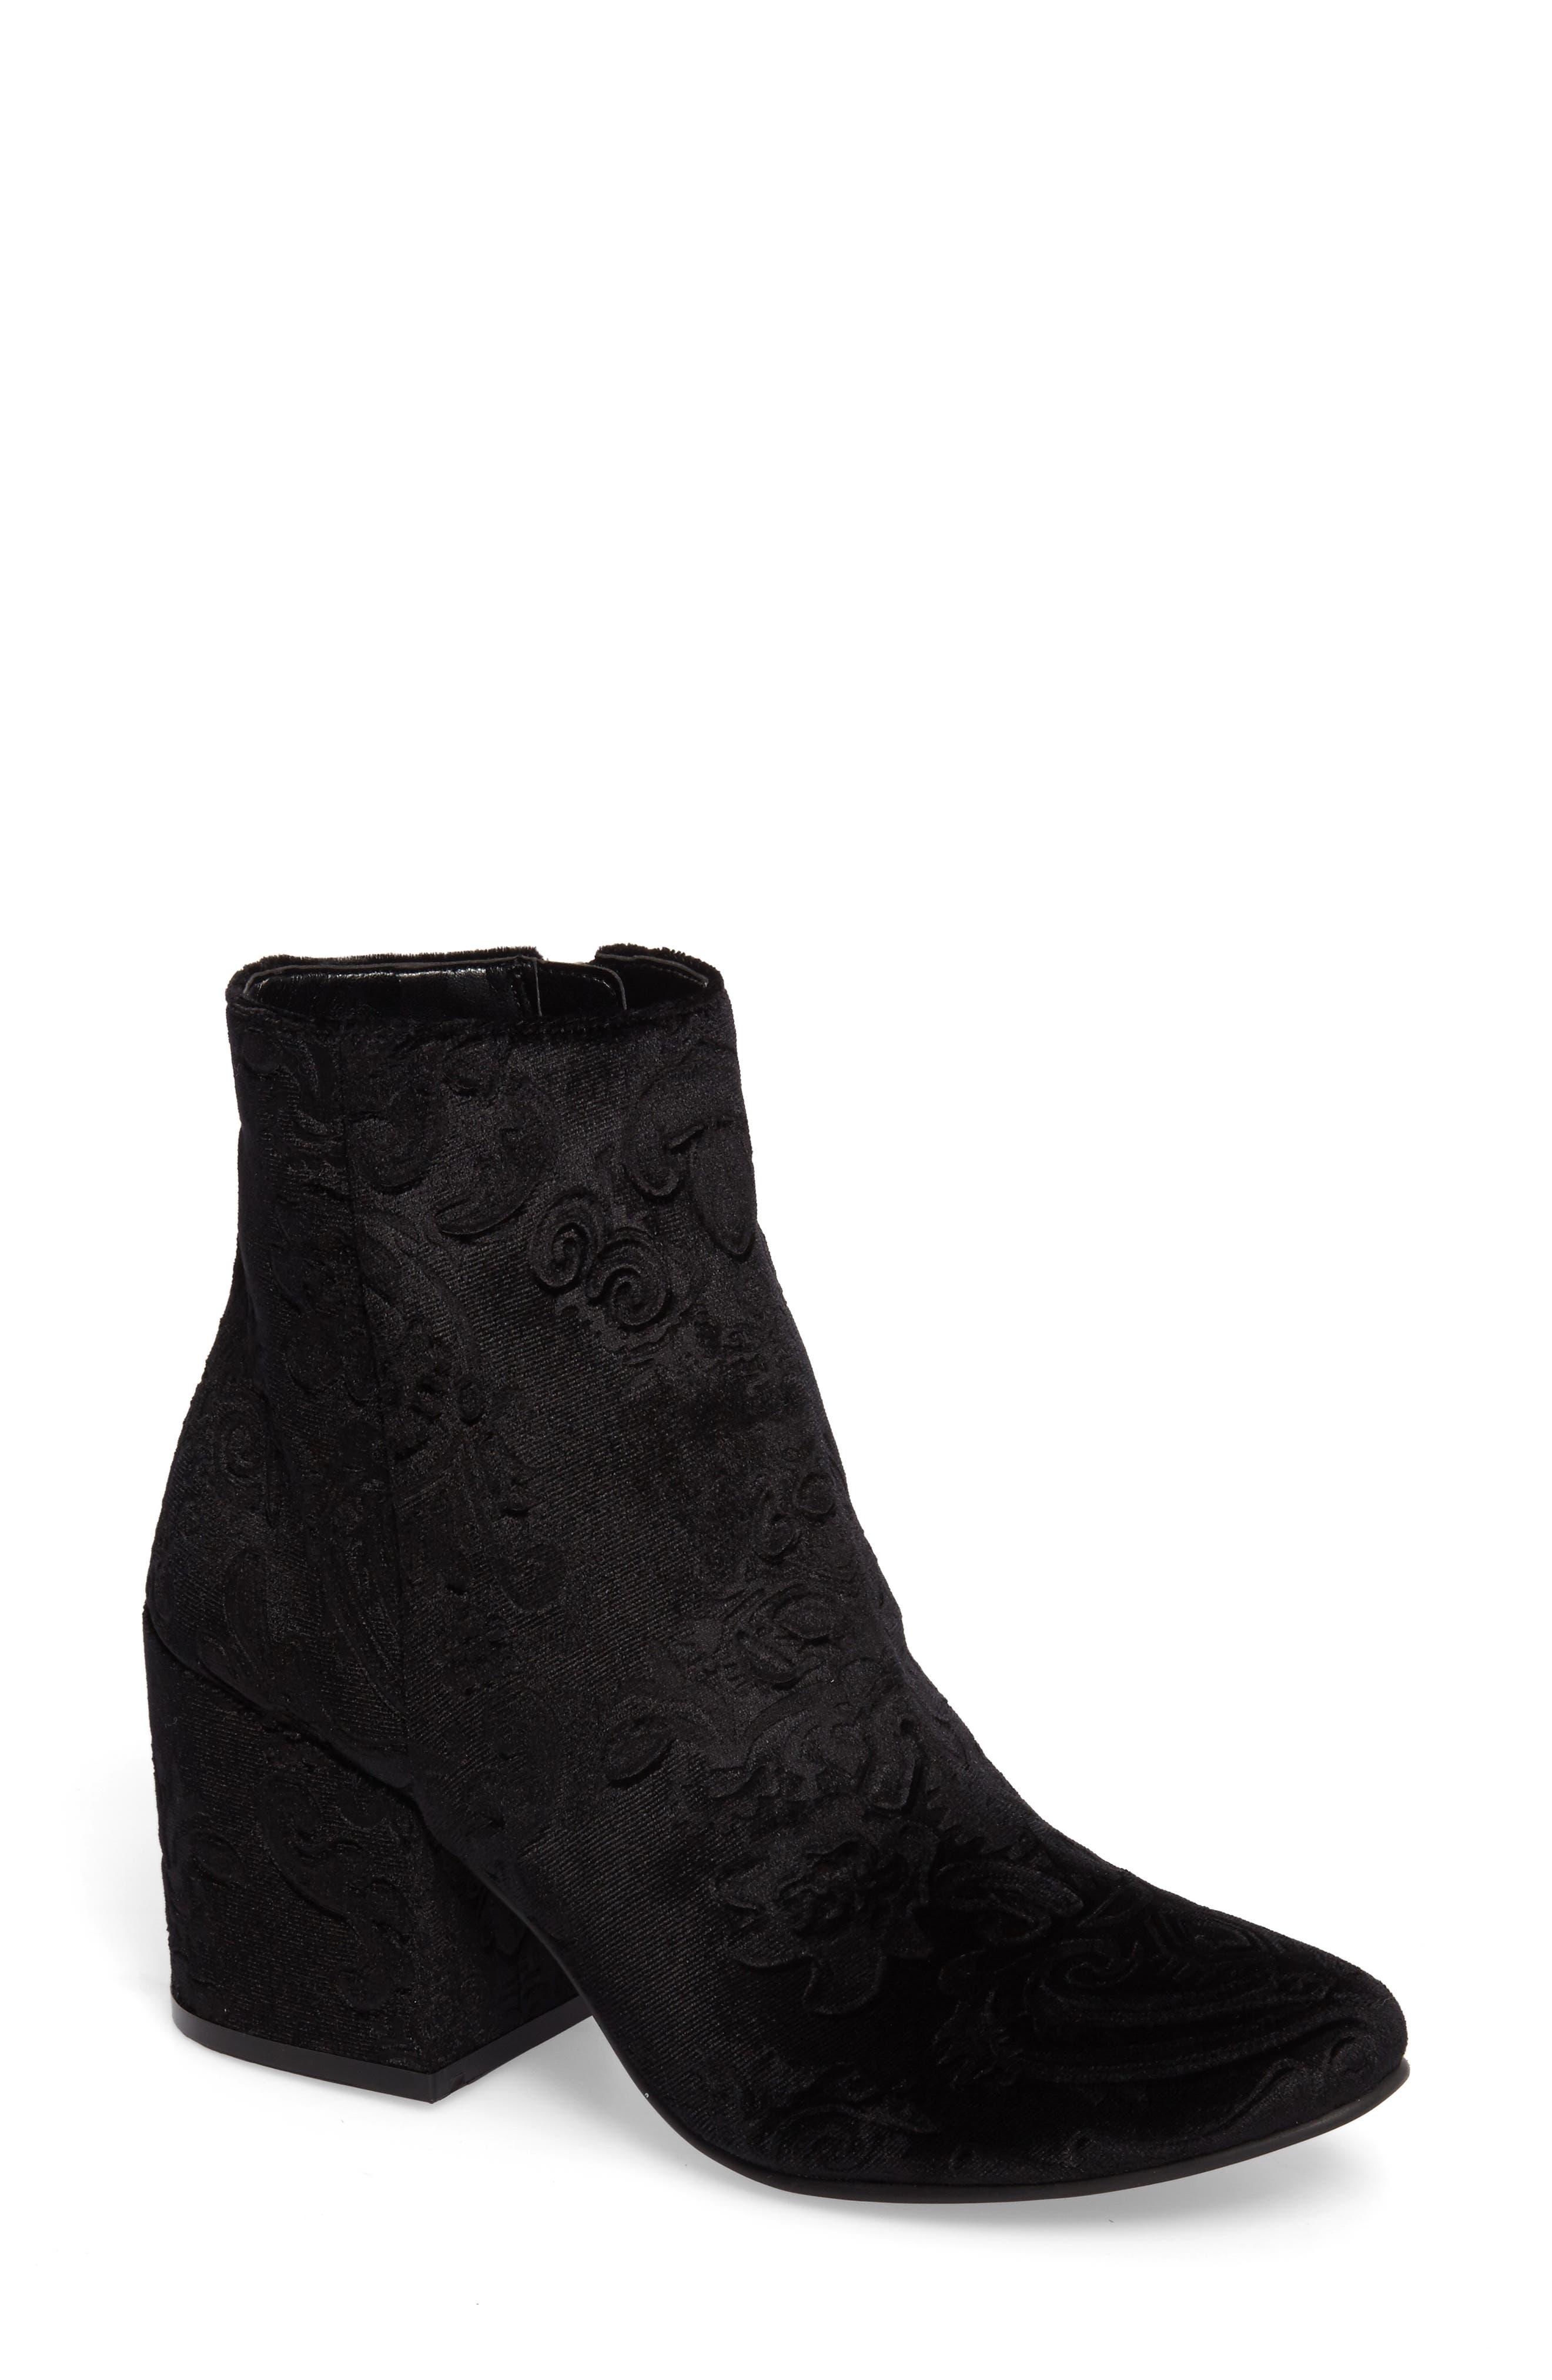 Main Image - Treasure & Bond Marian Block Heel Bootie (Women)